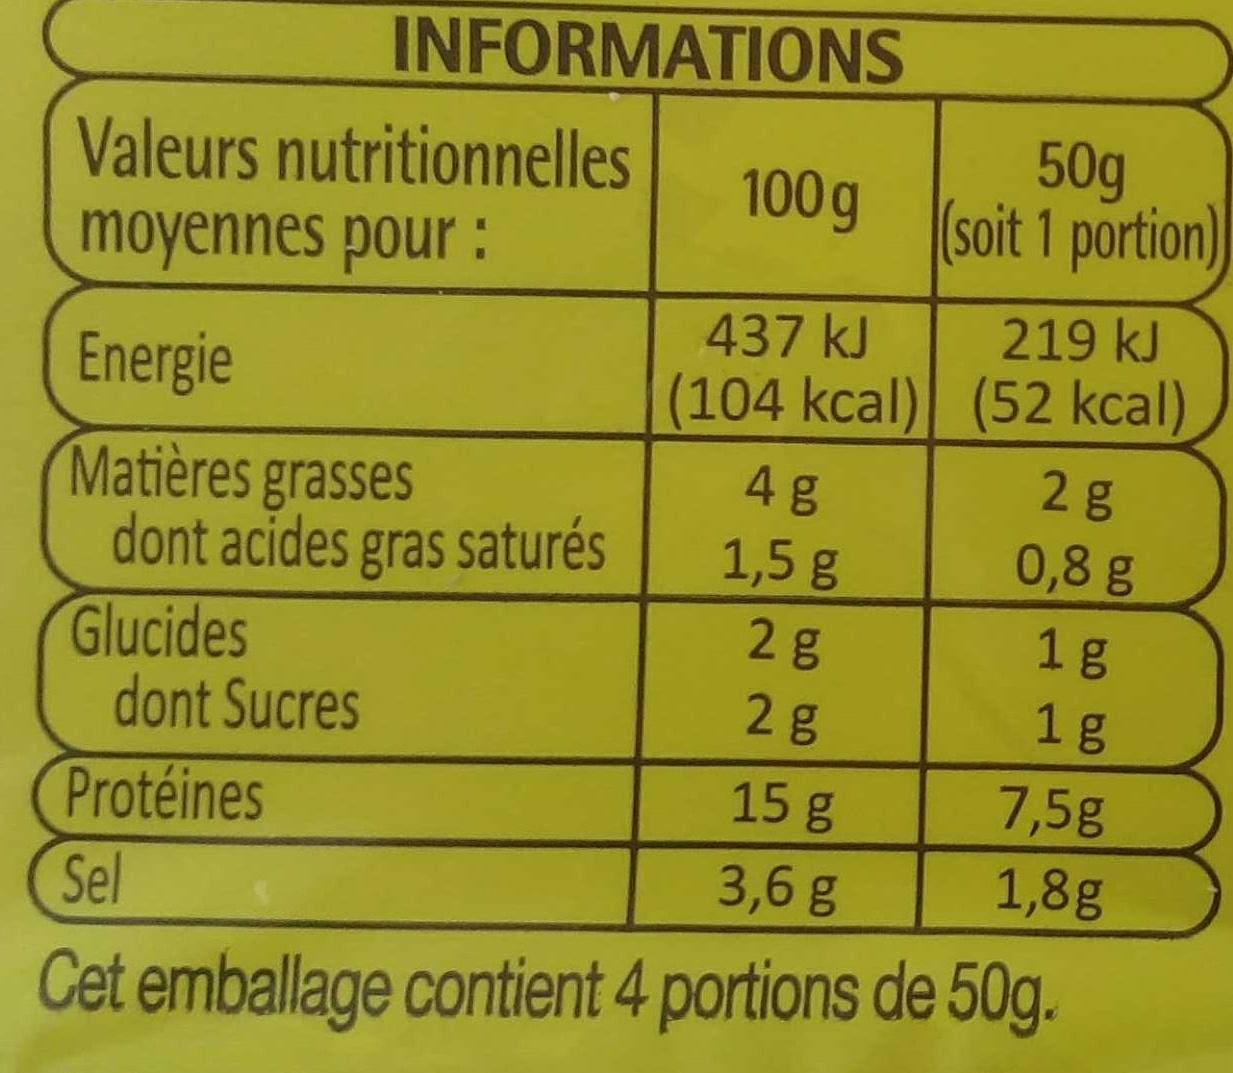 Dés de jambon cuit (découenné - dégraissé) - Informations nutritionnelles - fr